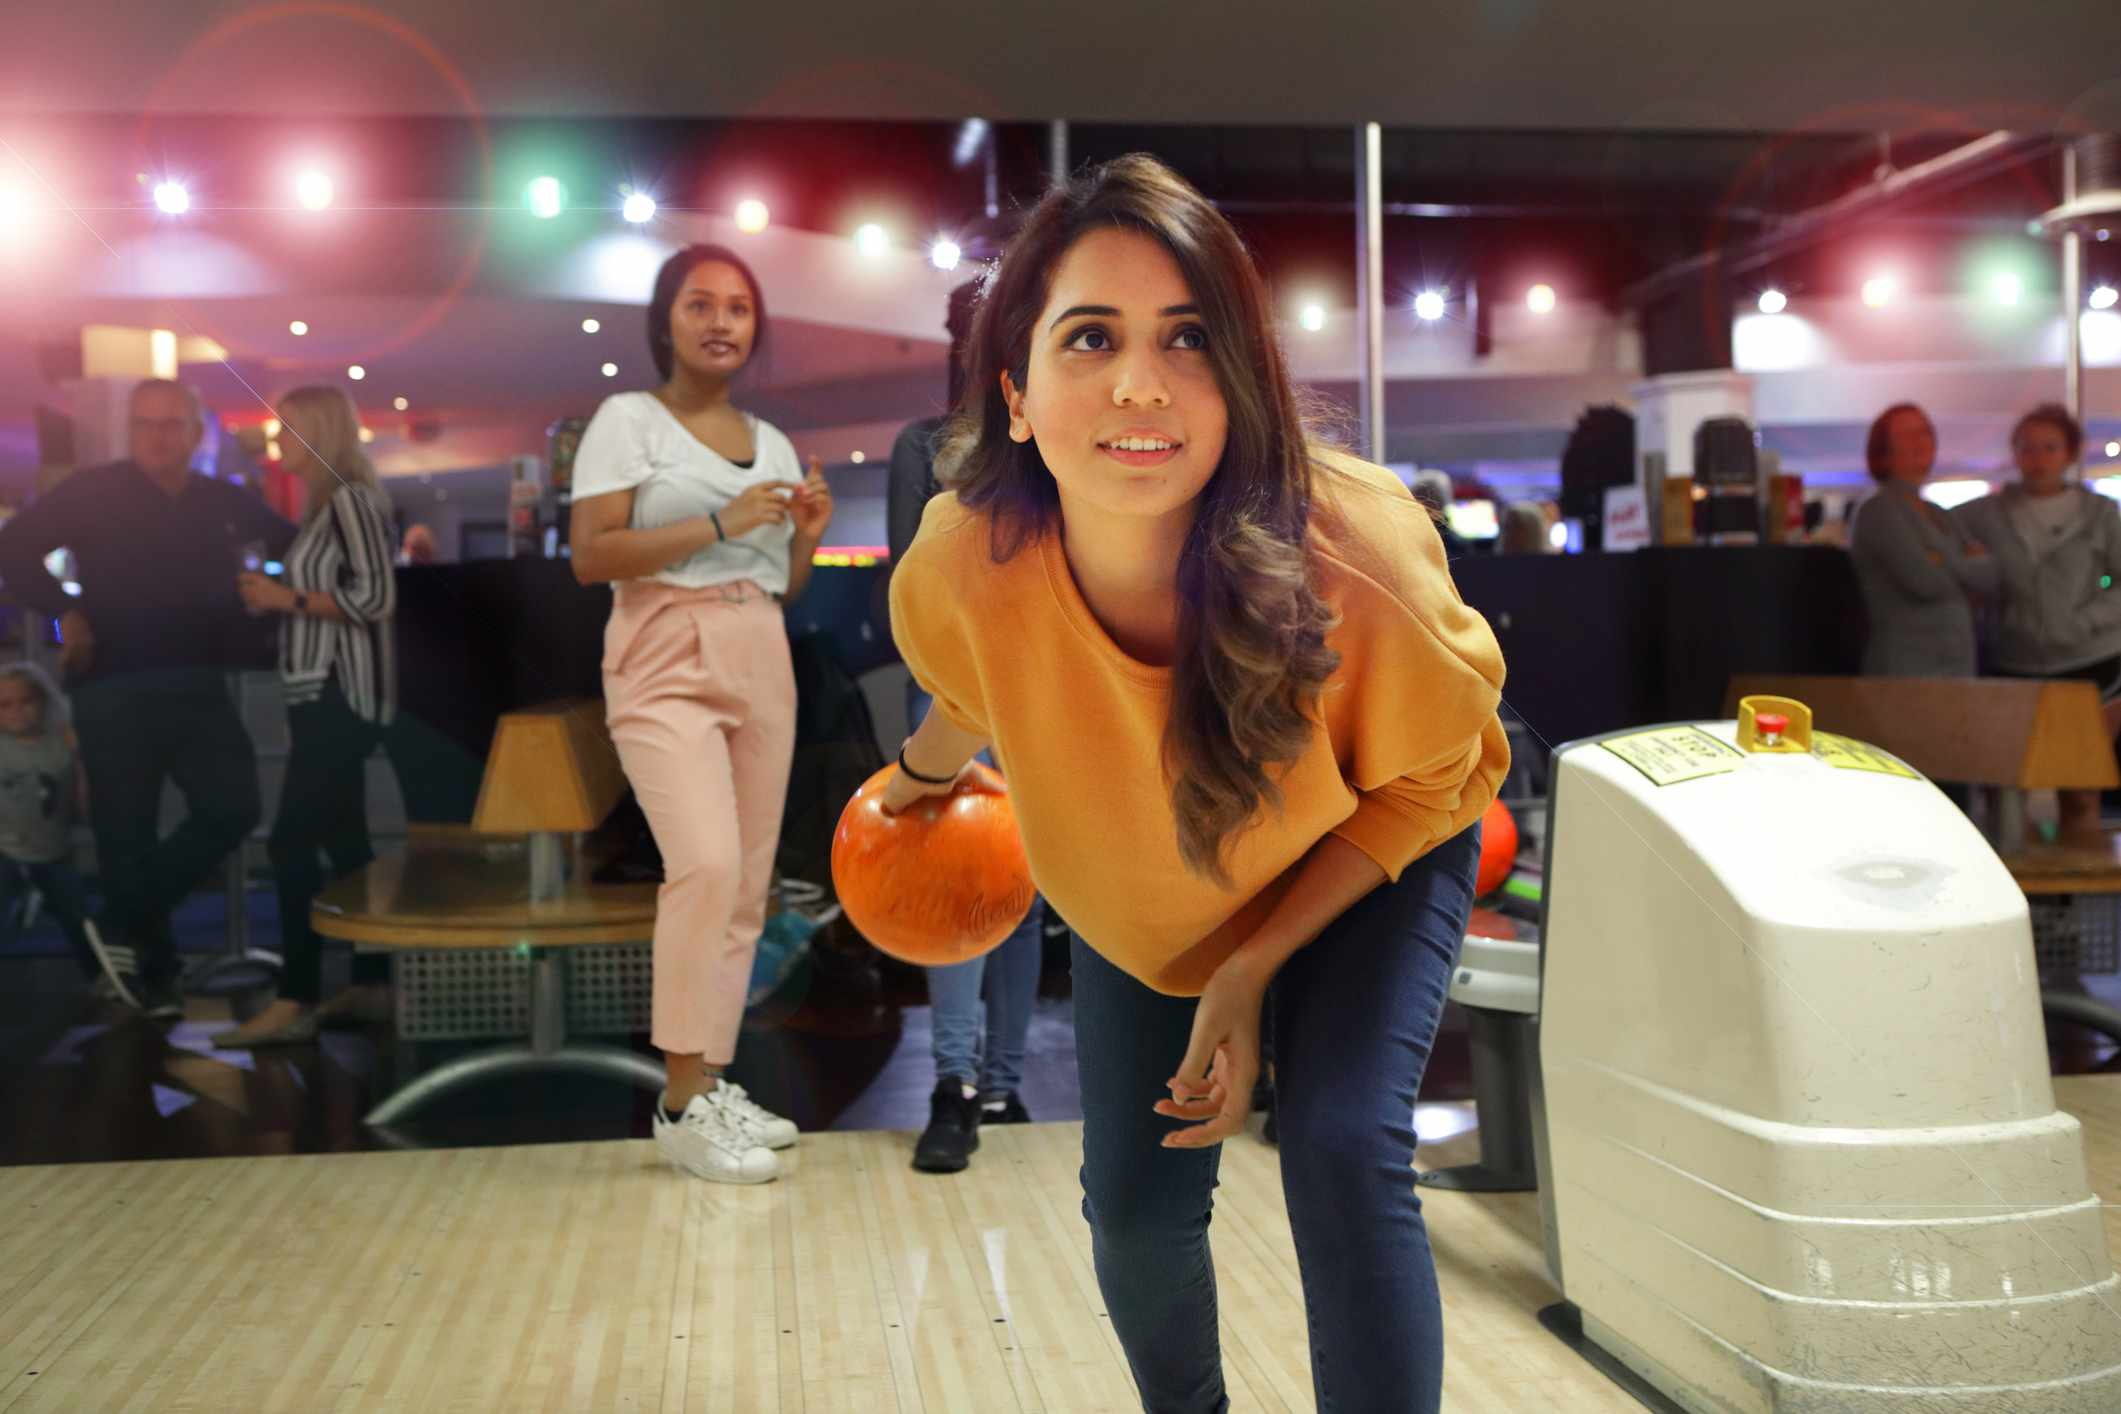 Woman bowling